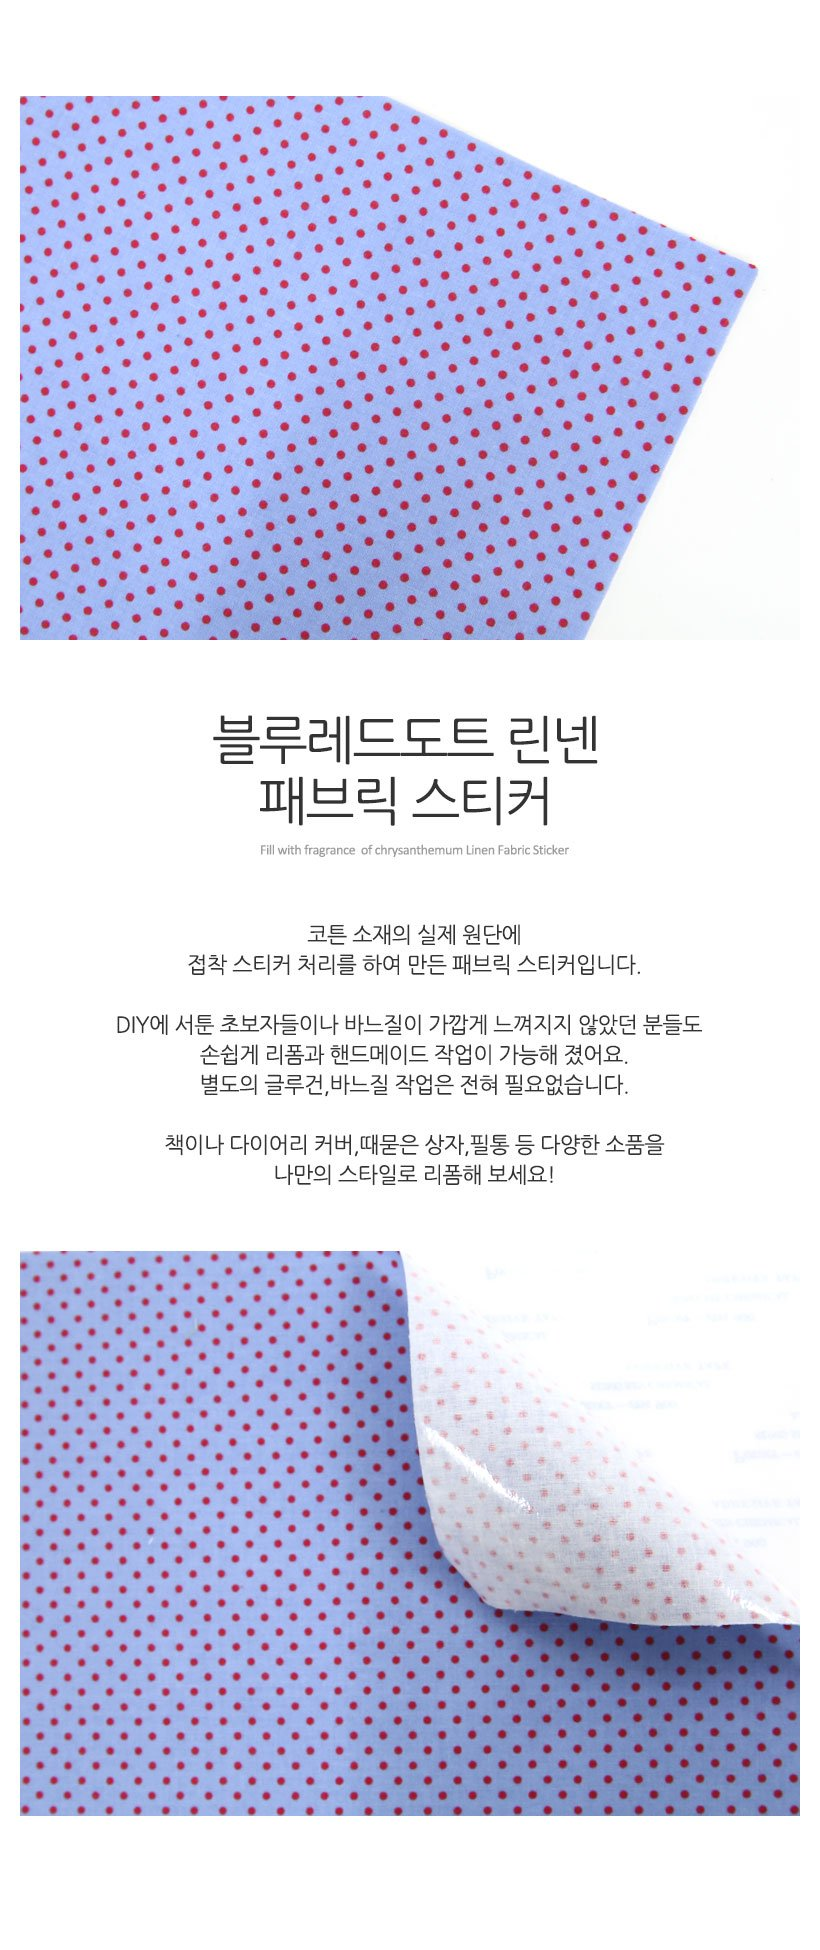 블루 레드 도트 패브릭스티커 - 펠트하우스, 2,100원, 펠트공예, 펠트 원단